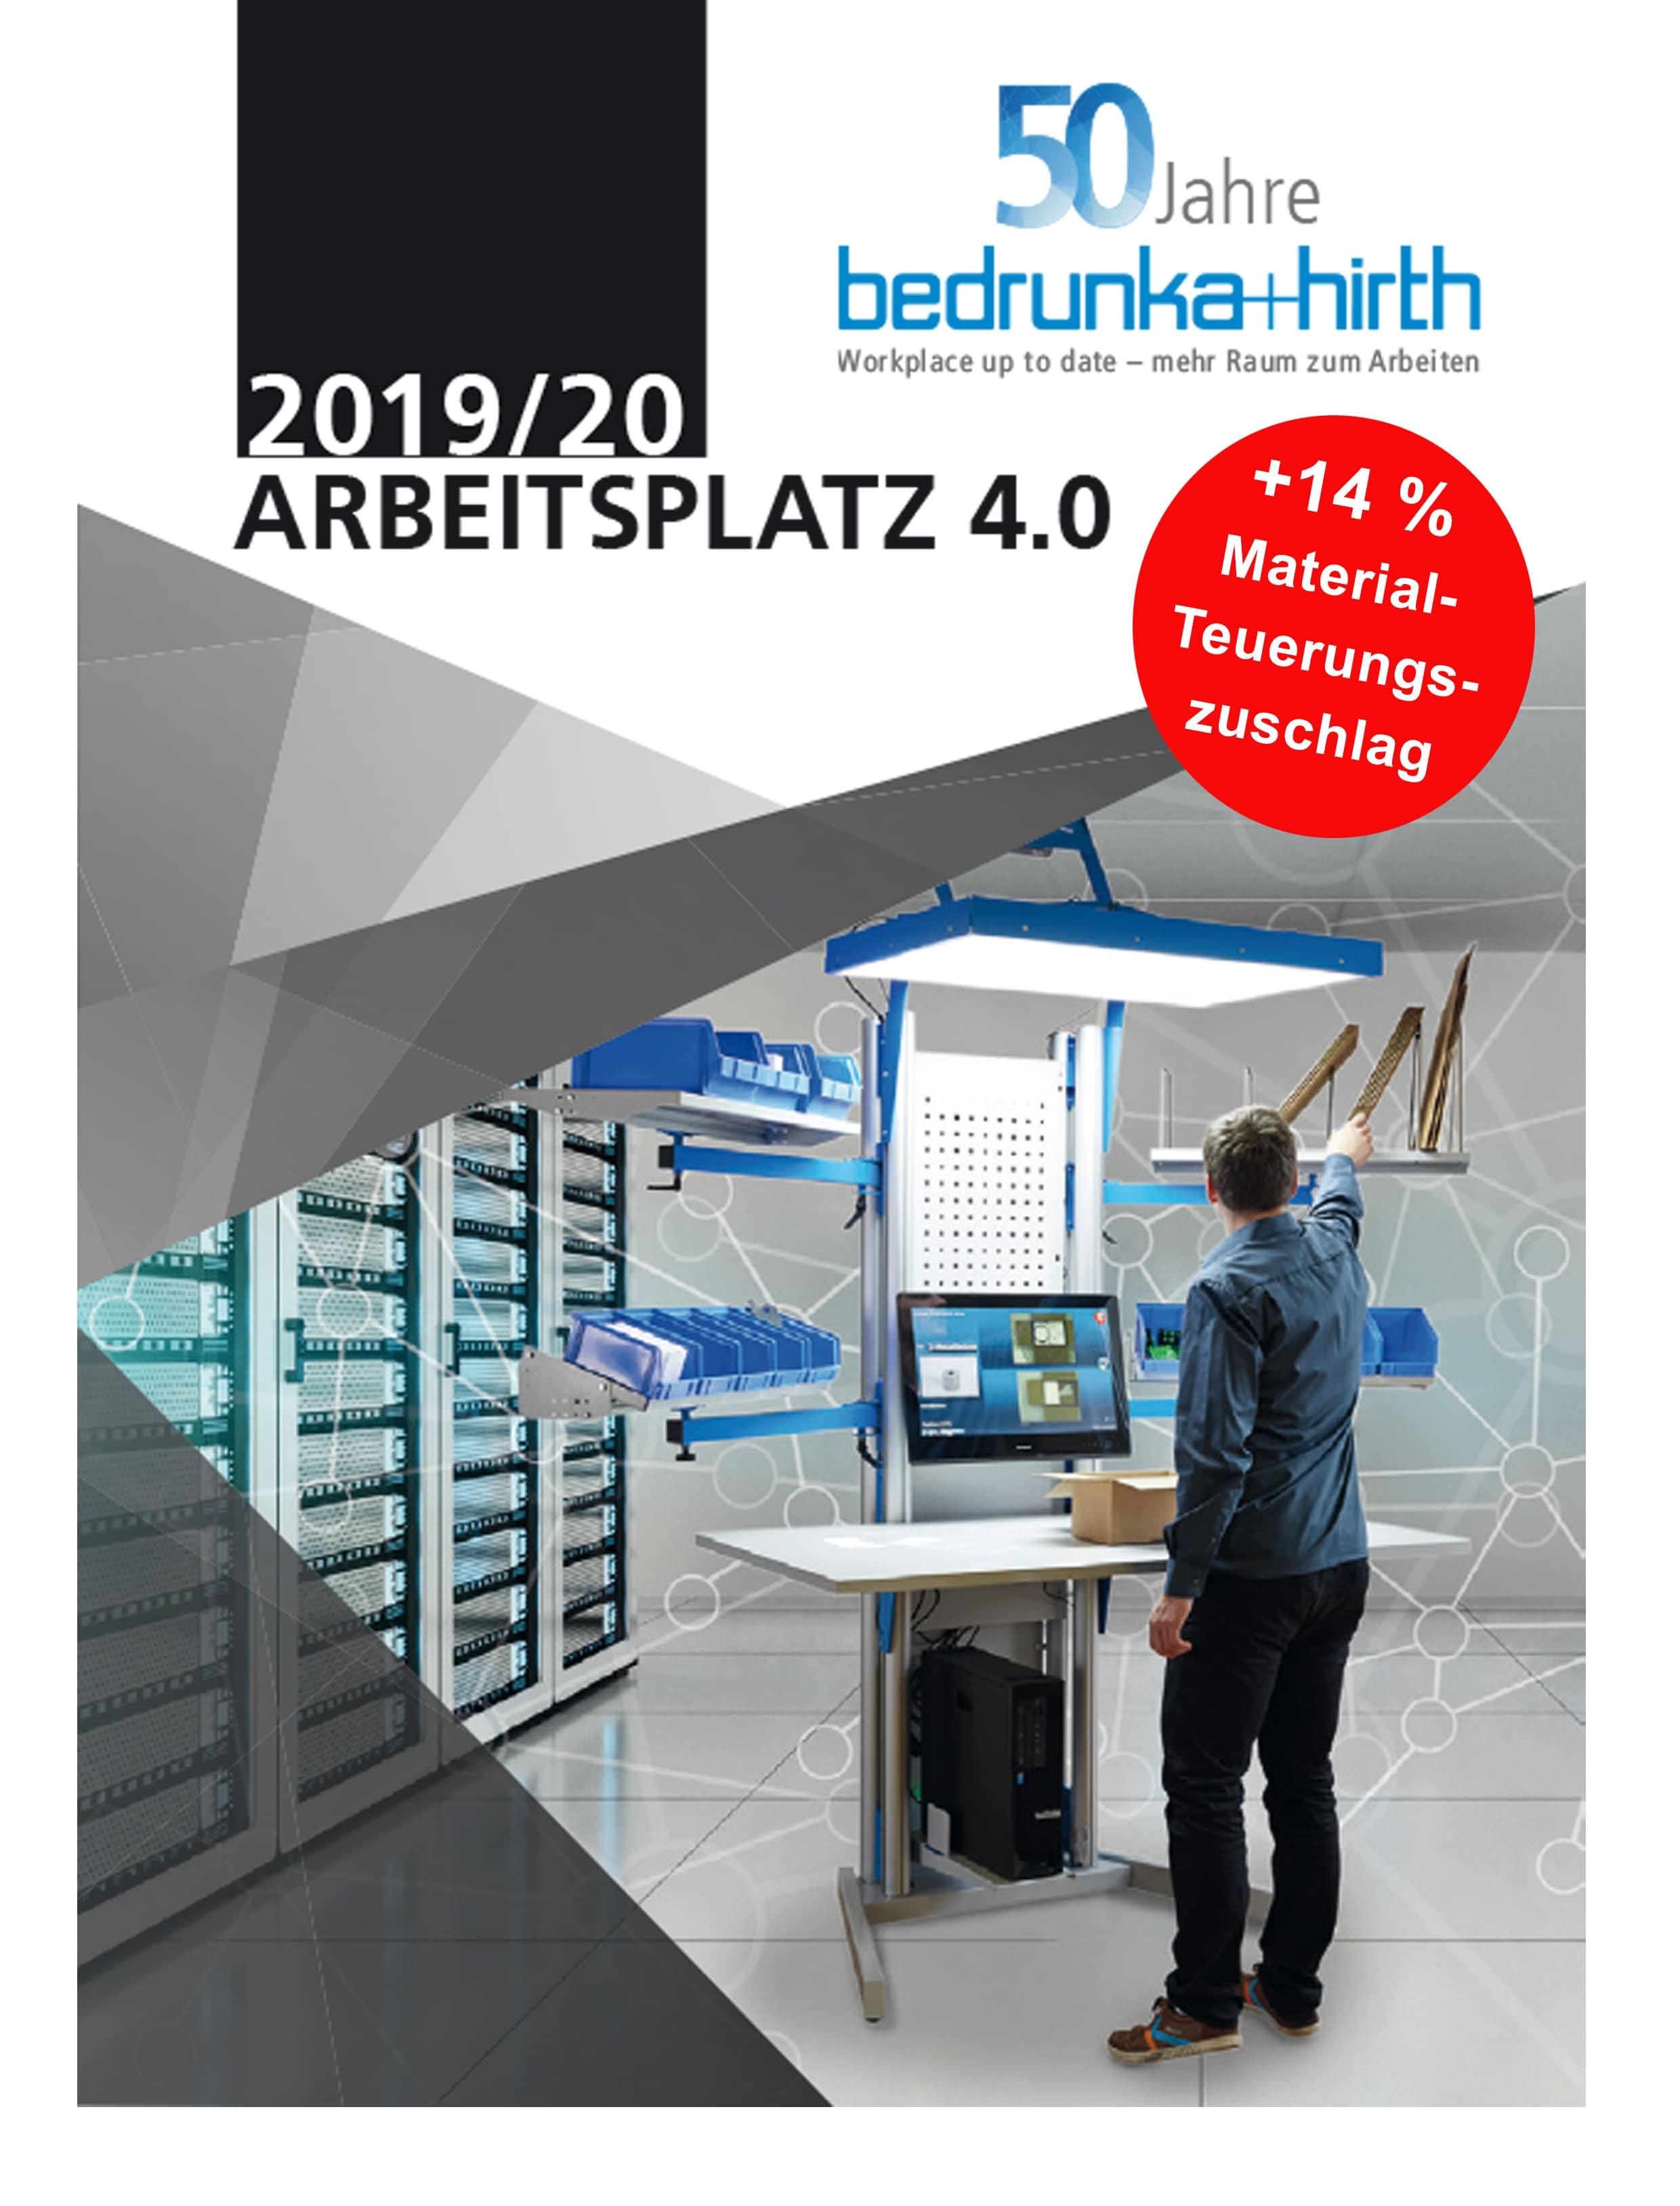 Bedrunka & Hirth Arbeitsplatzsystem 4.0